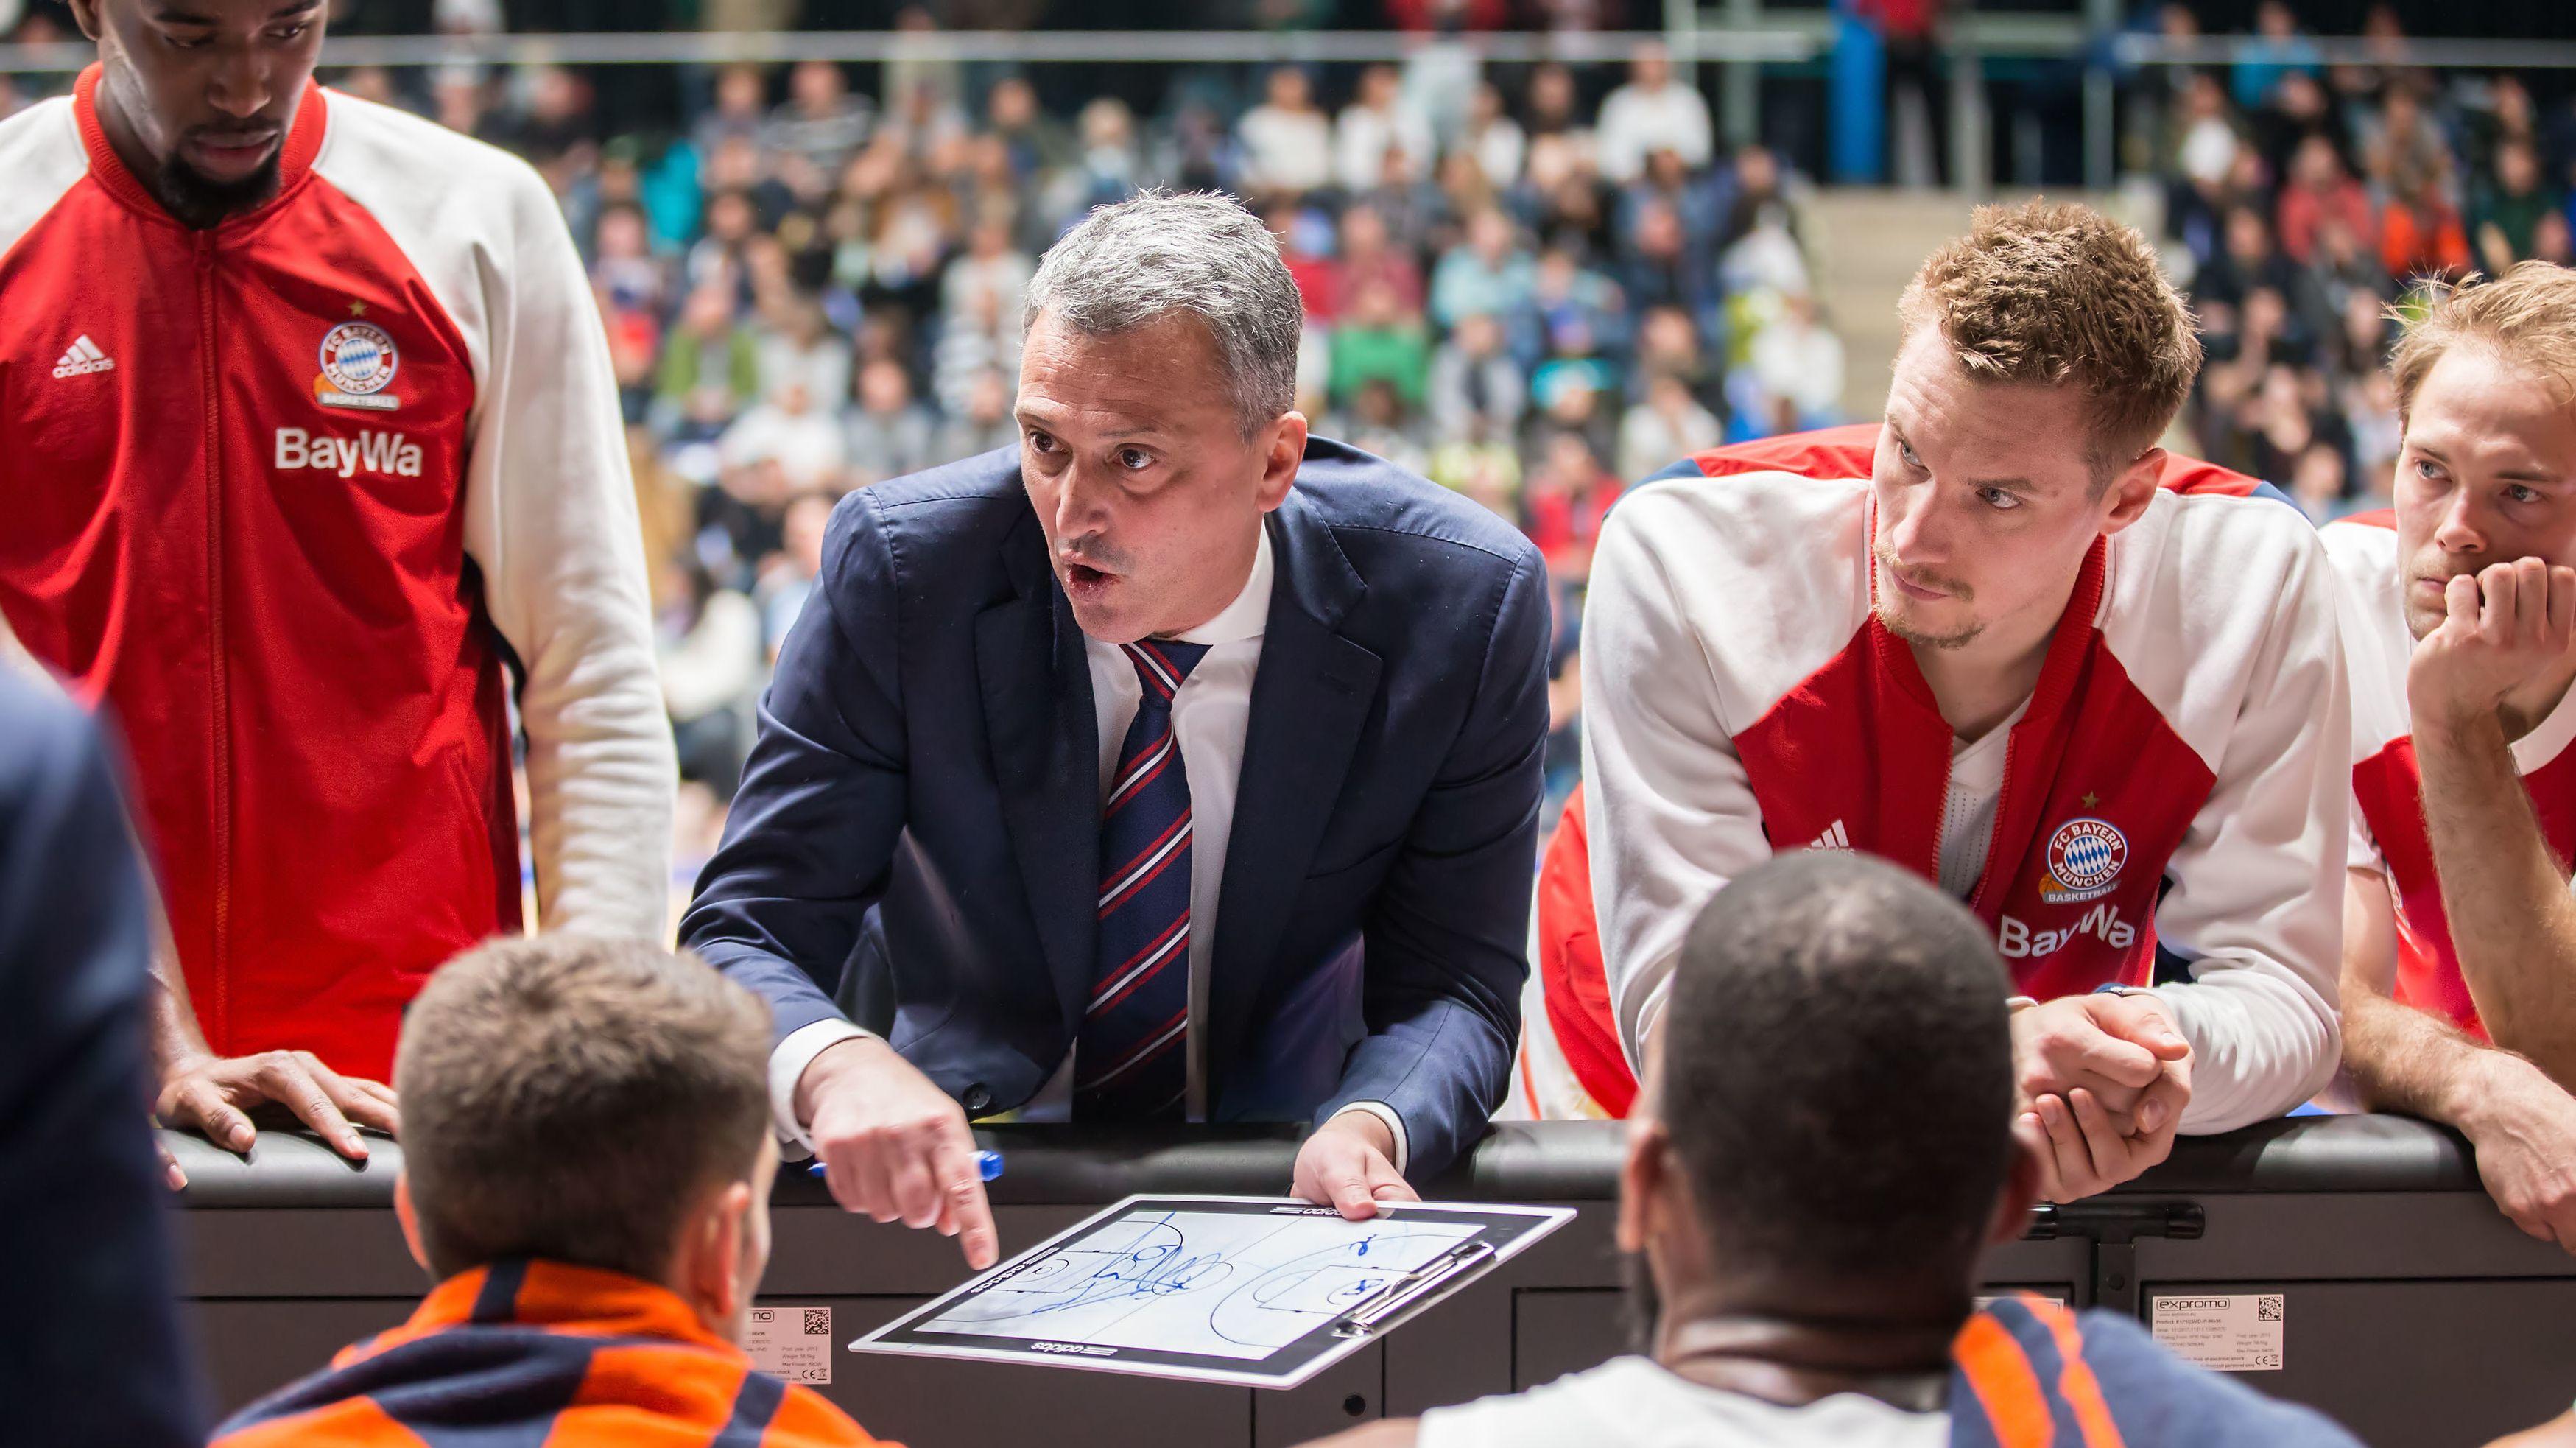 Teambesprechung mit Bayerns Cheftrainer Dejan Radonjic.